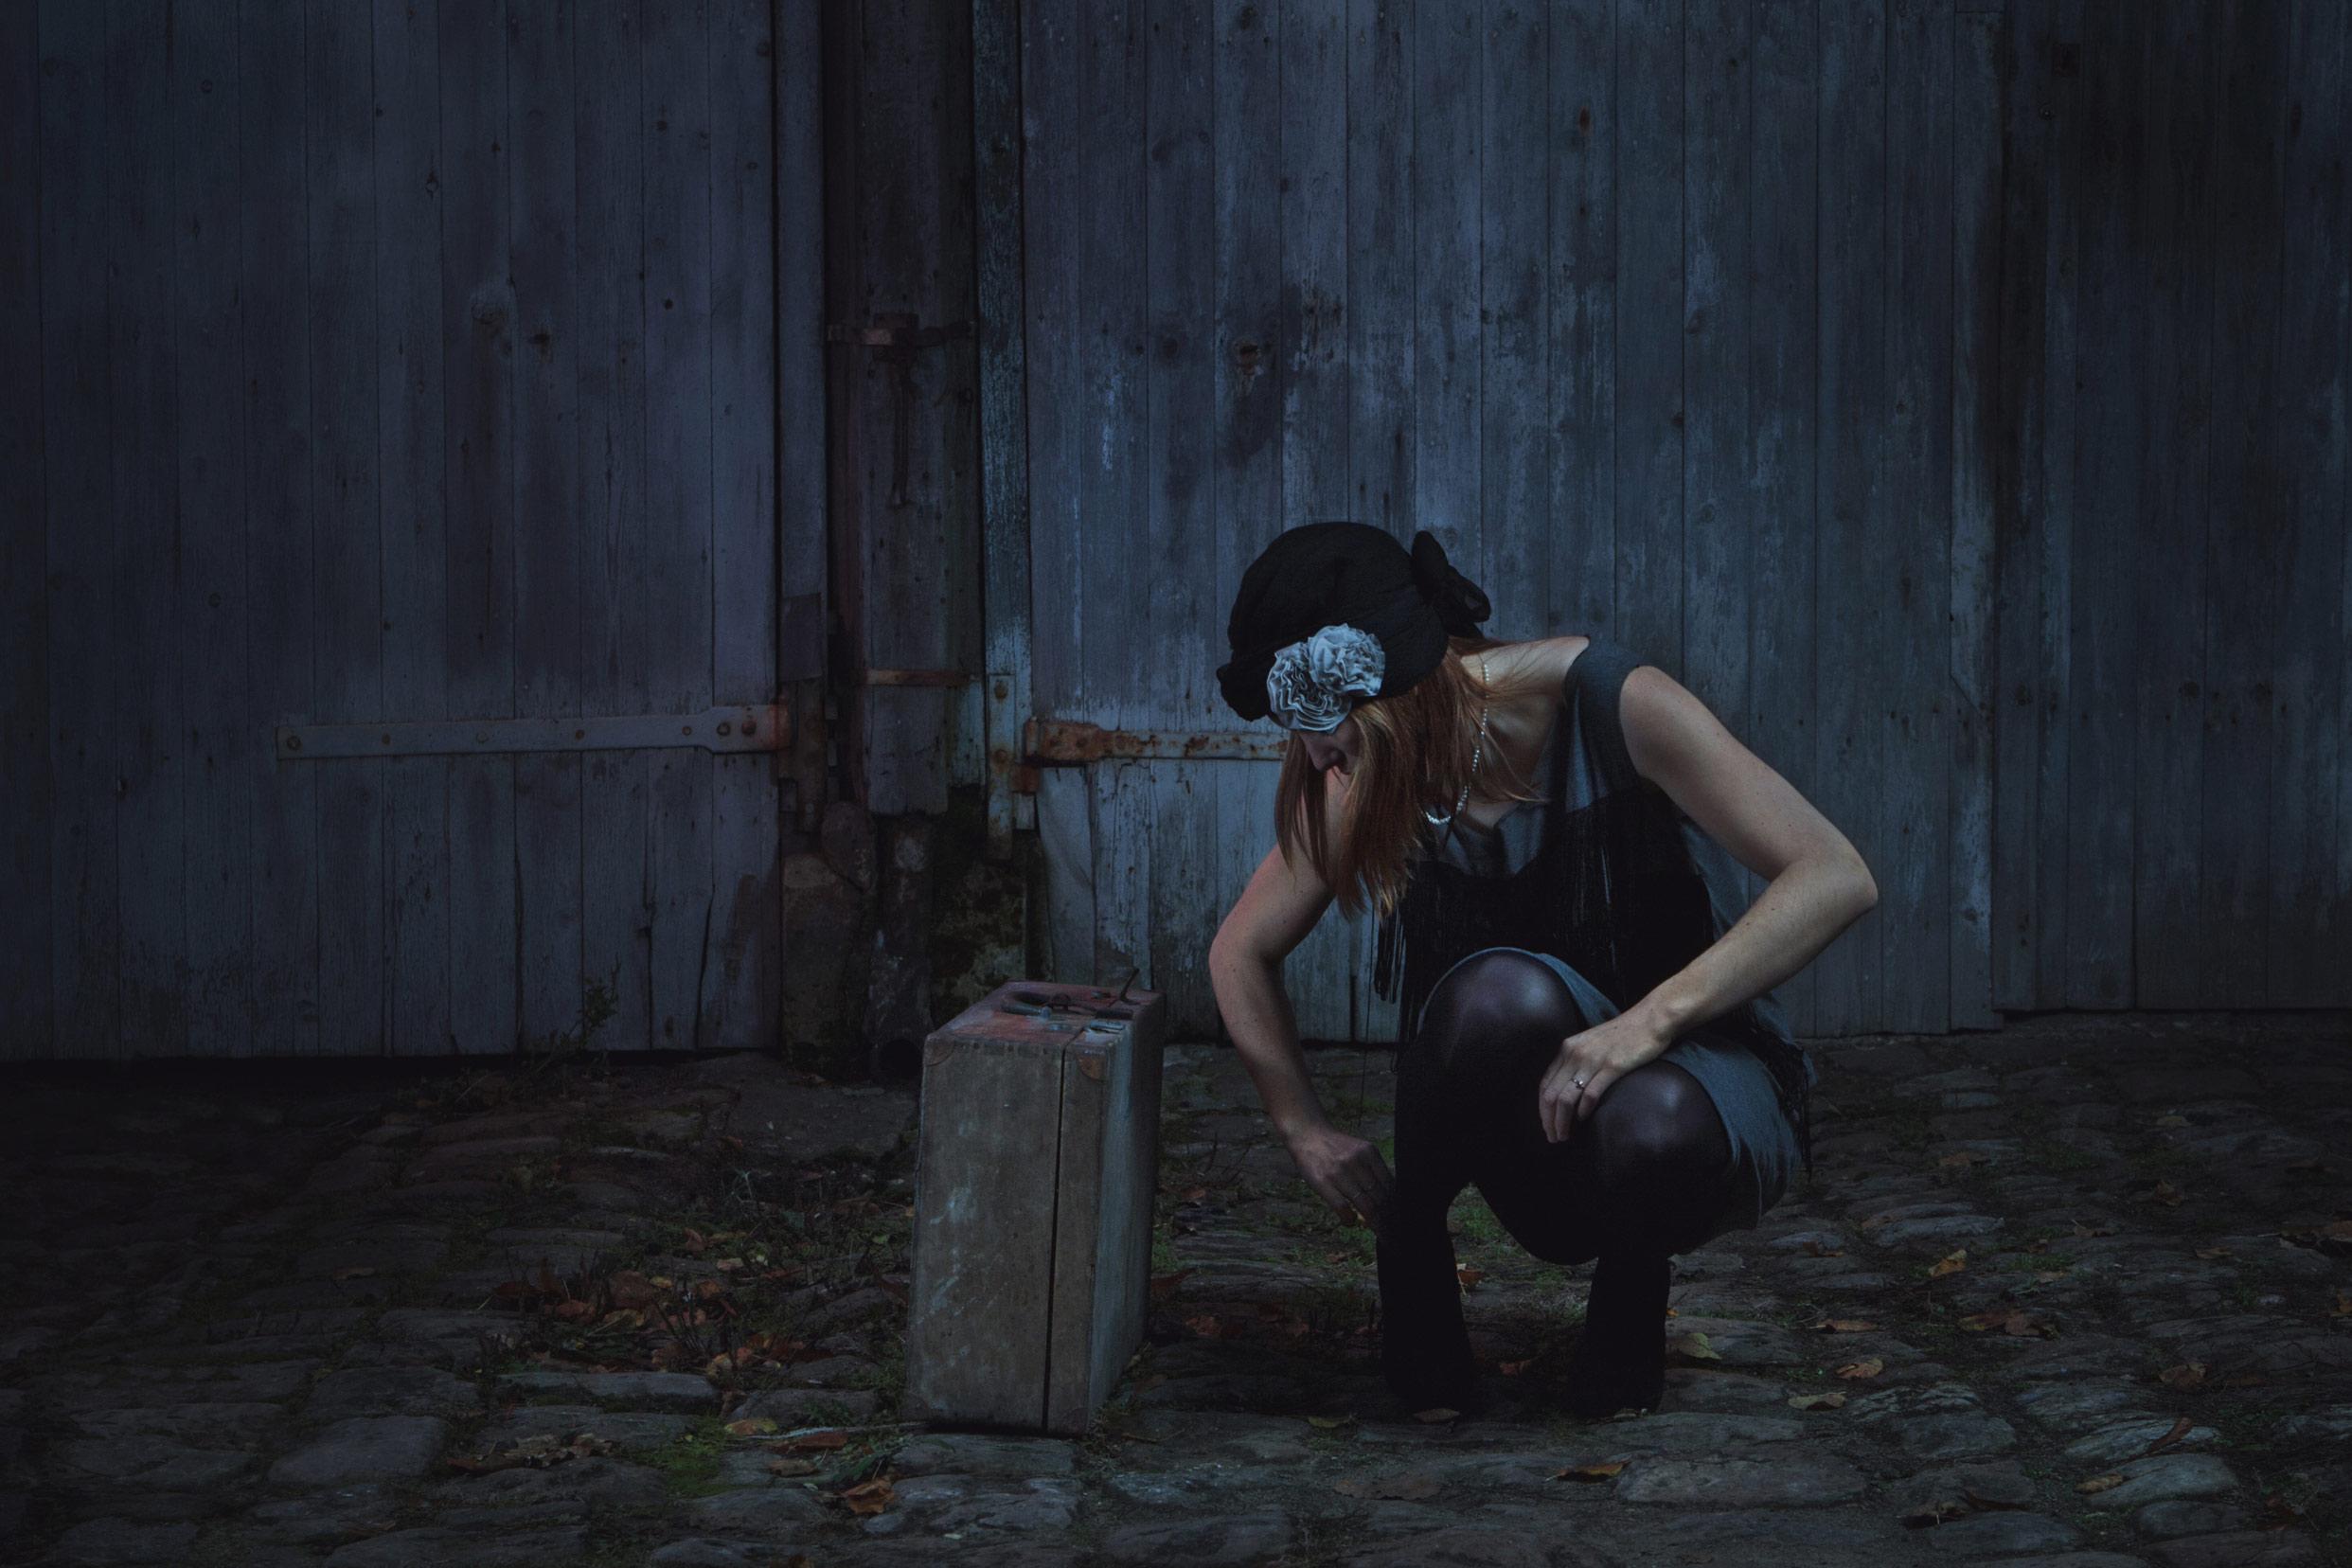 Image mettant en scène une femme accroupie dans une cour pavée de Pont Sainte Maxence